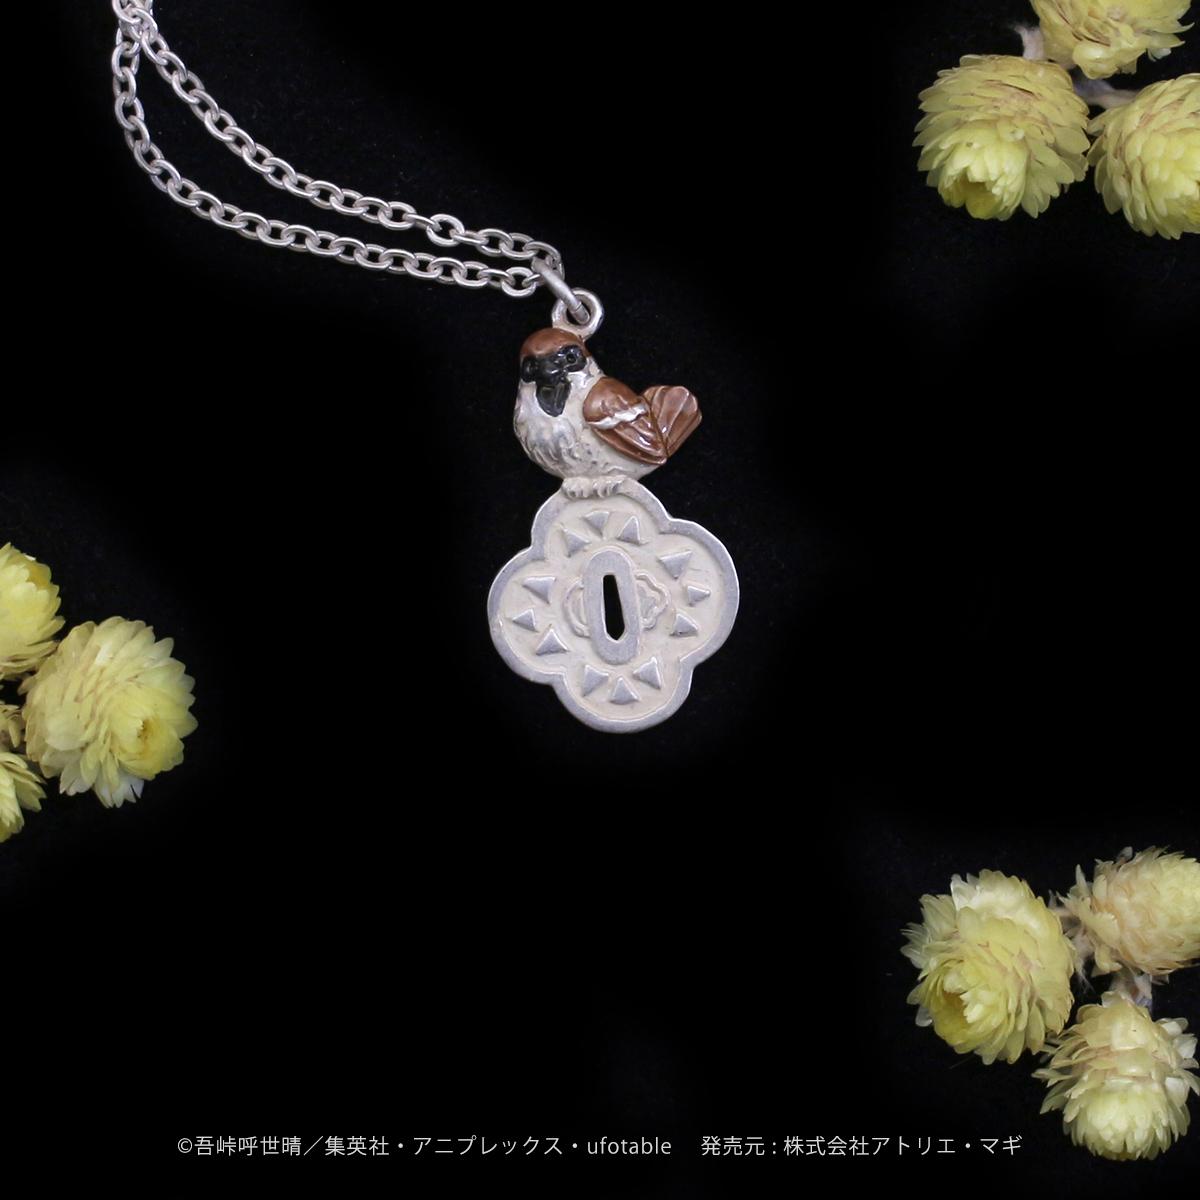 善逸とチュン太郎 ネックレス【鬼滅の刃】